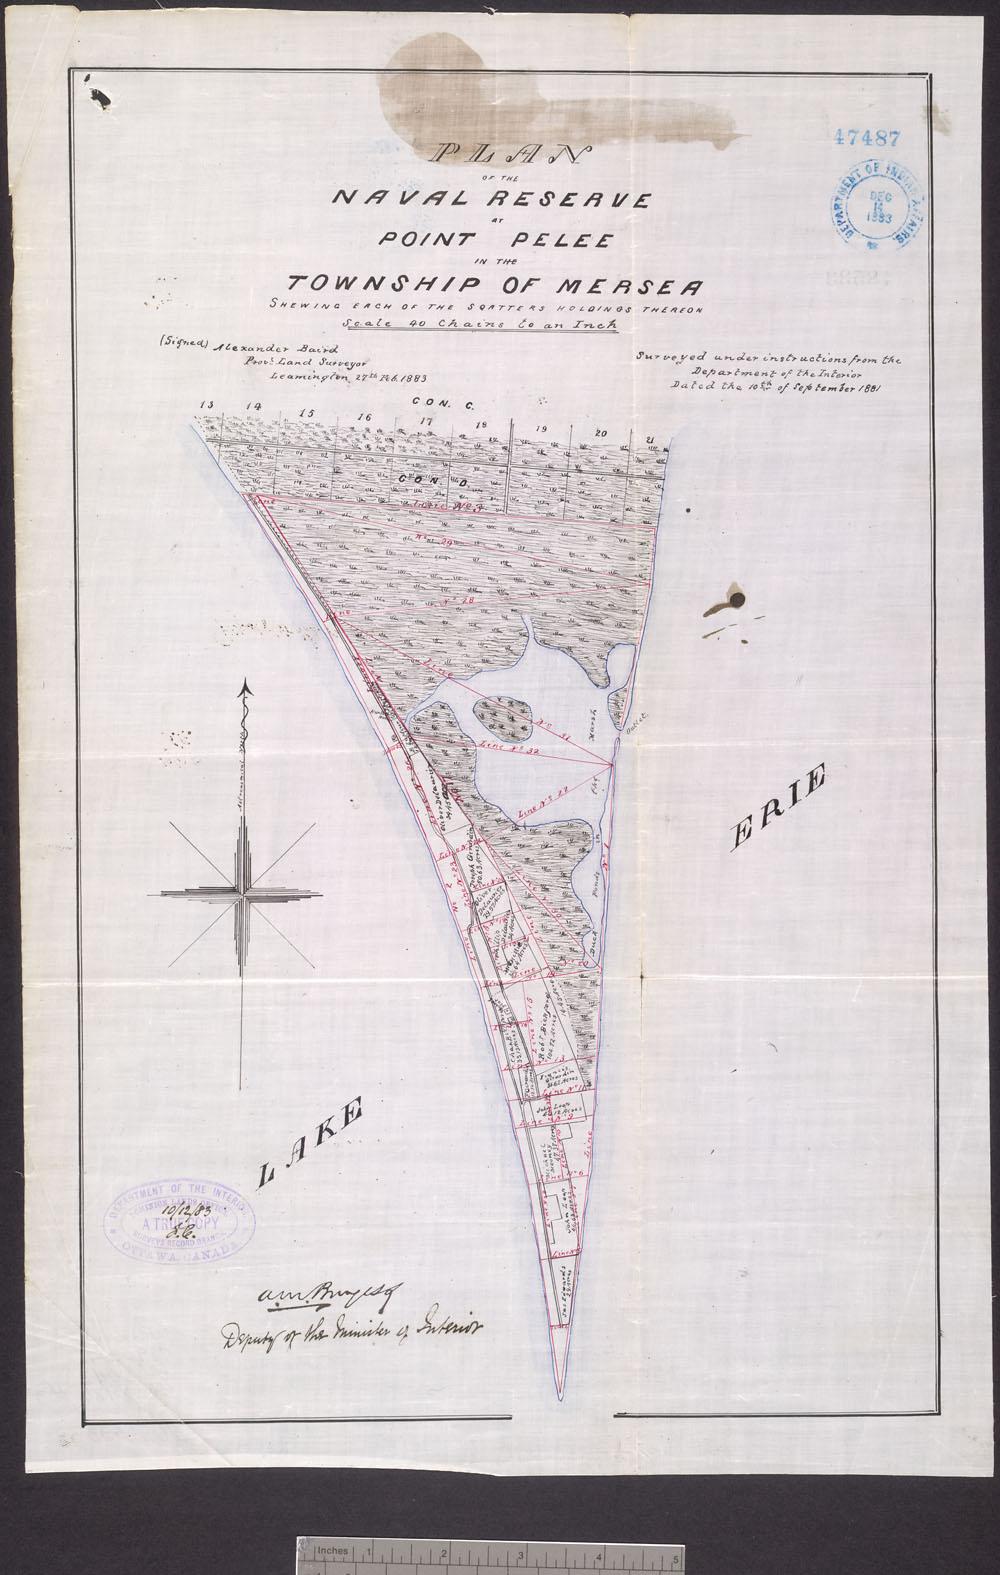 Plan noir et blanc de la Réserve navale de la Pointe-Pelée, dans le canton de Mersea.